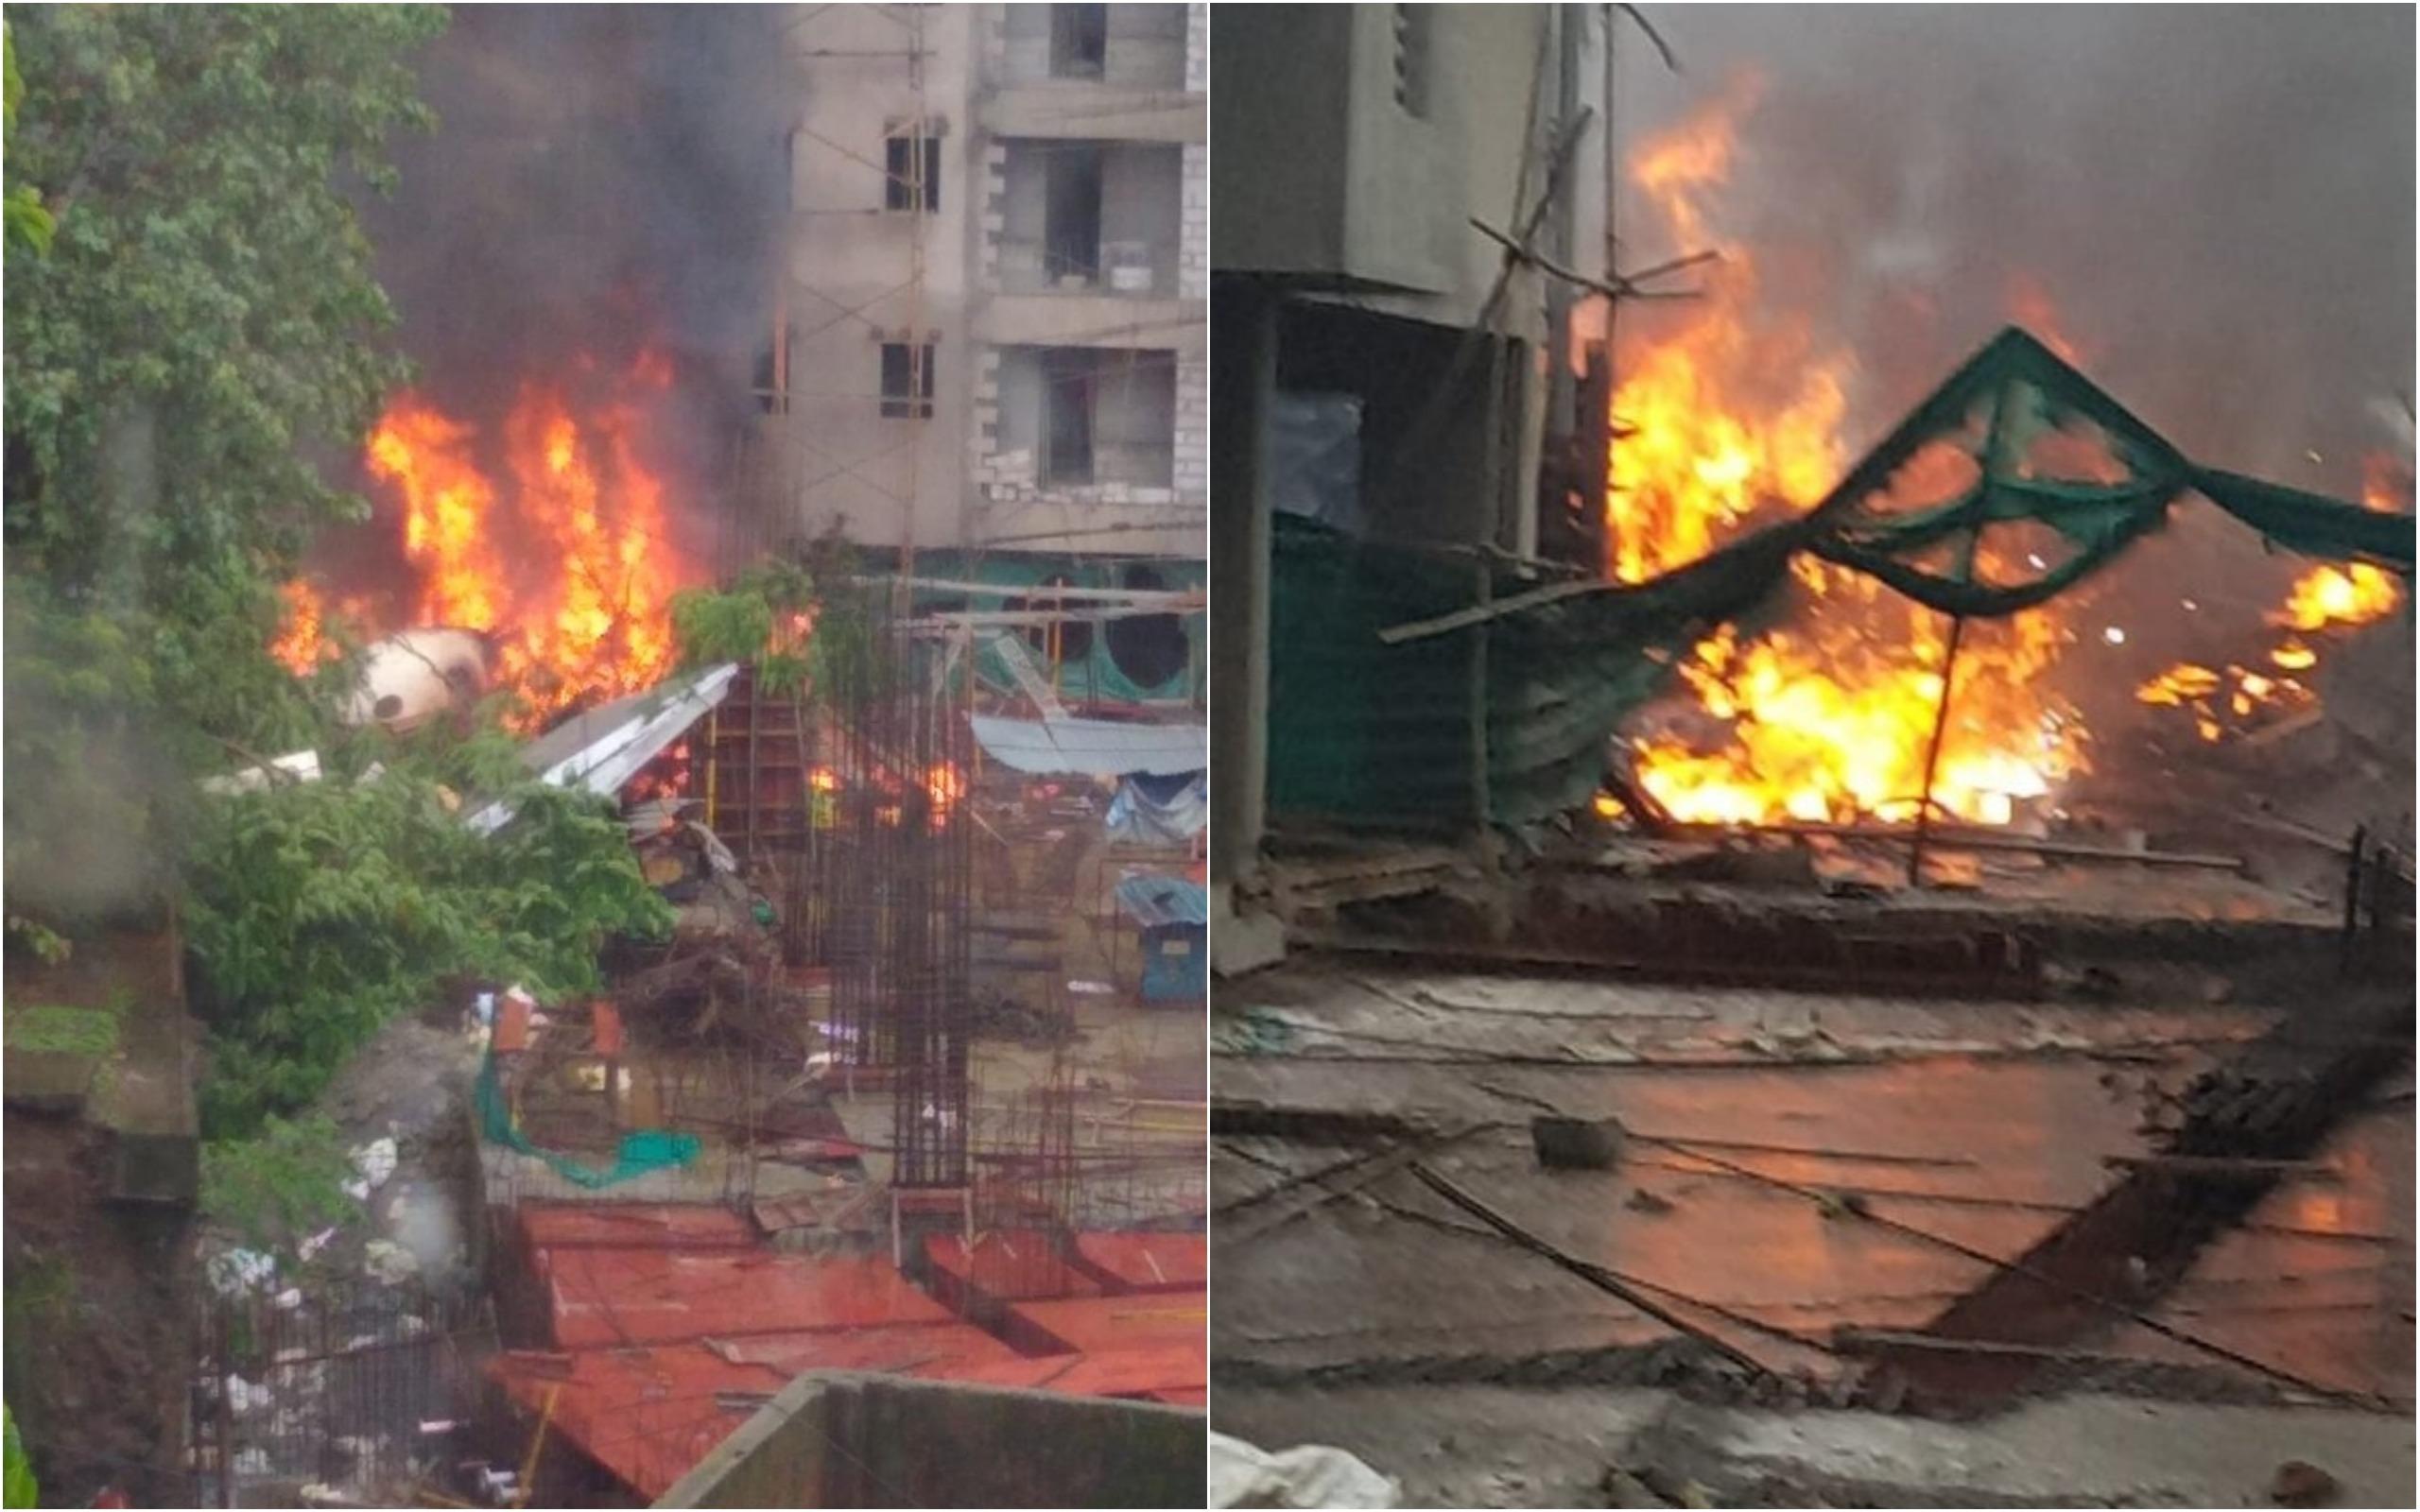 BREAKING News, UP Government, chartered plane, crash, Mumbai, Ghatkopar, NewsMobile, Mobile news, India